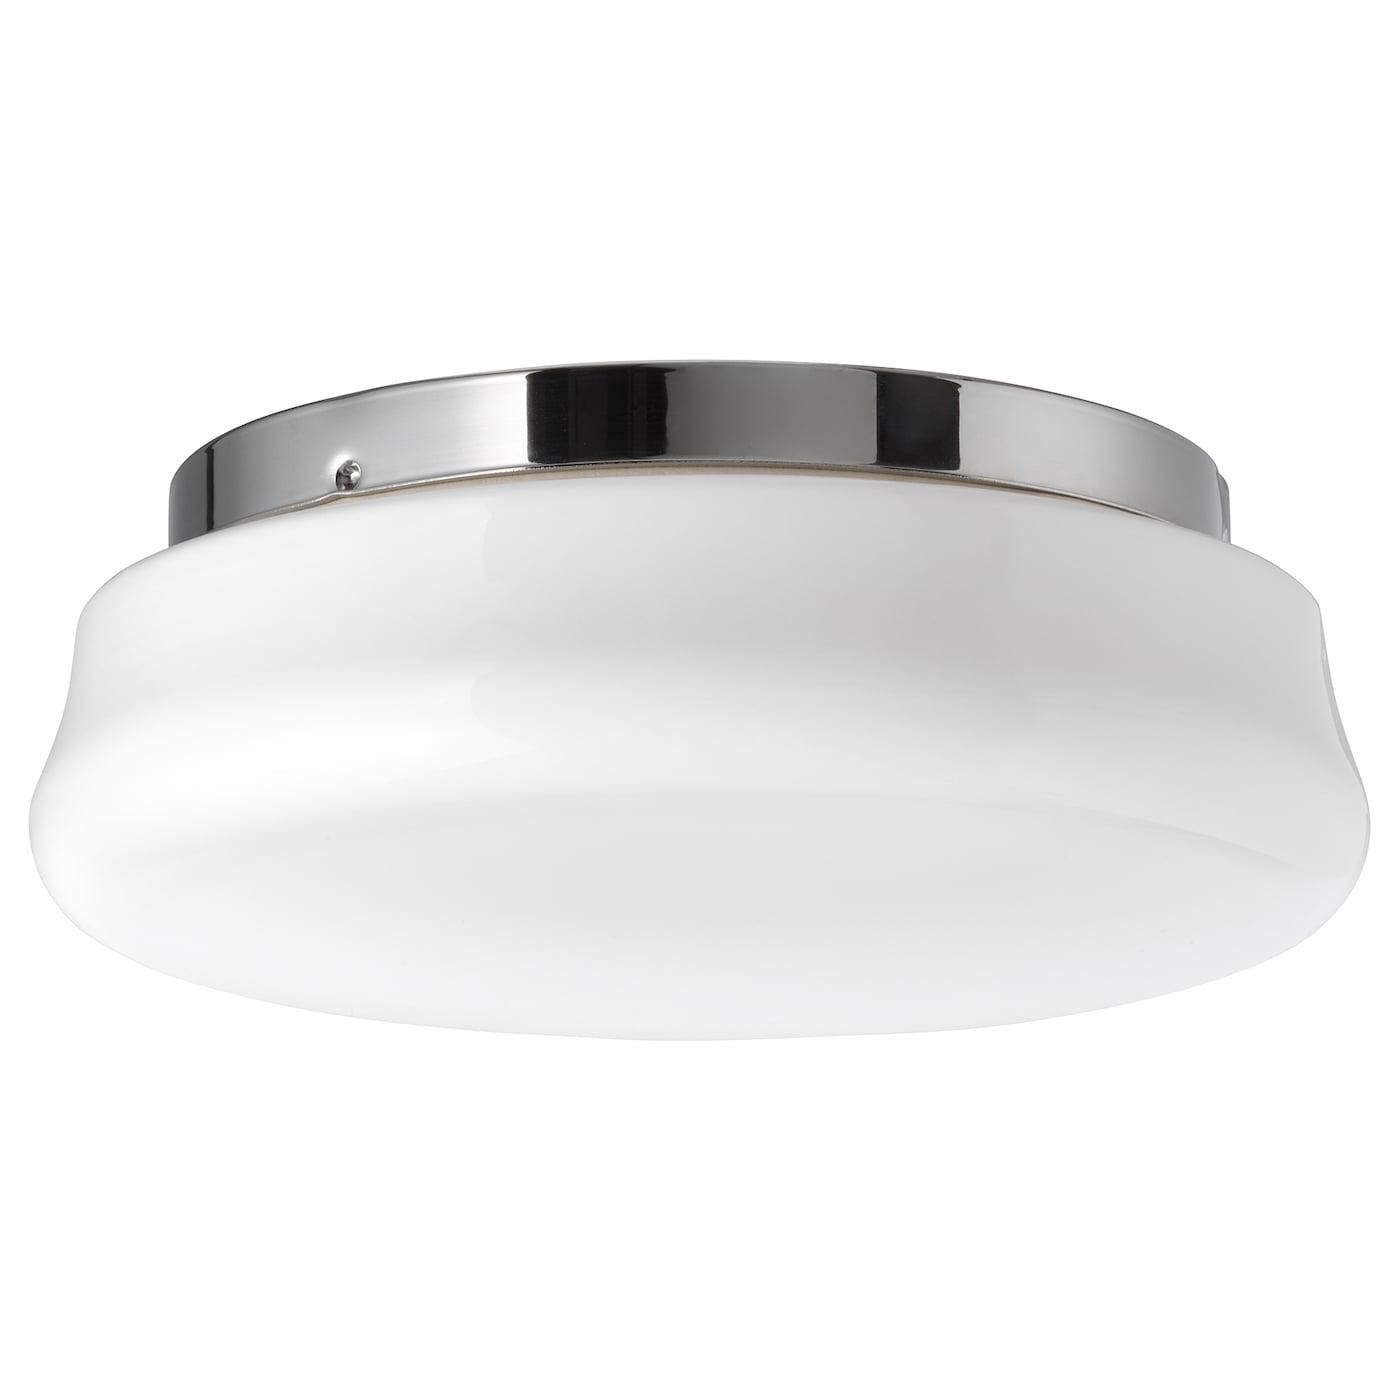 Lampara De Baño | Iluminacion Y Lamparas De Bano Compra Online Ikea